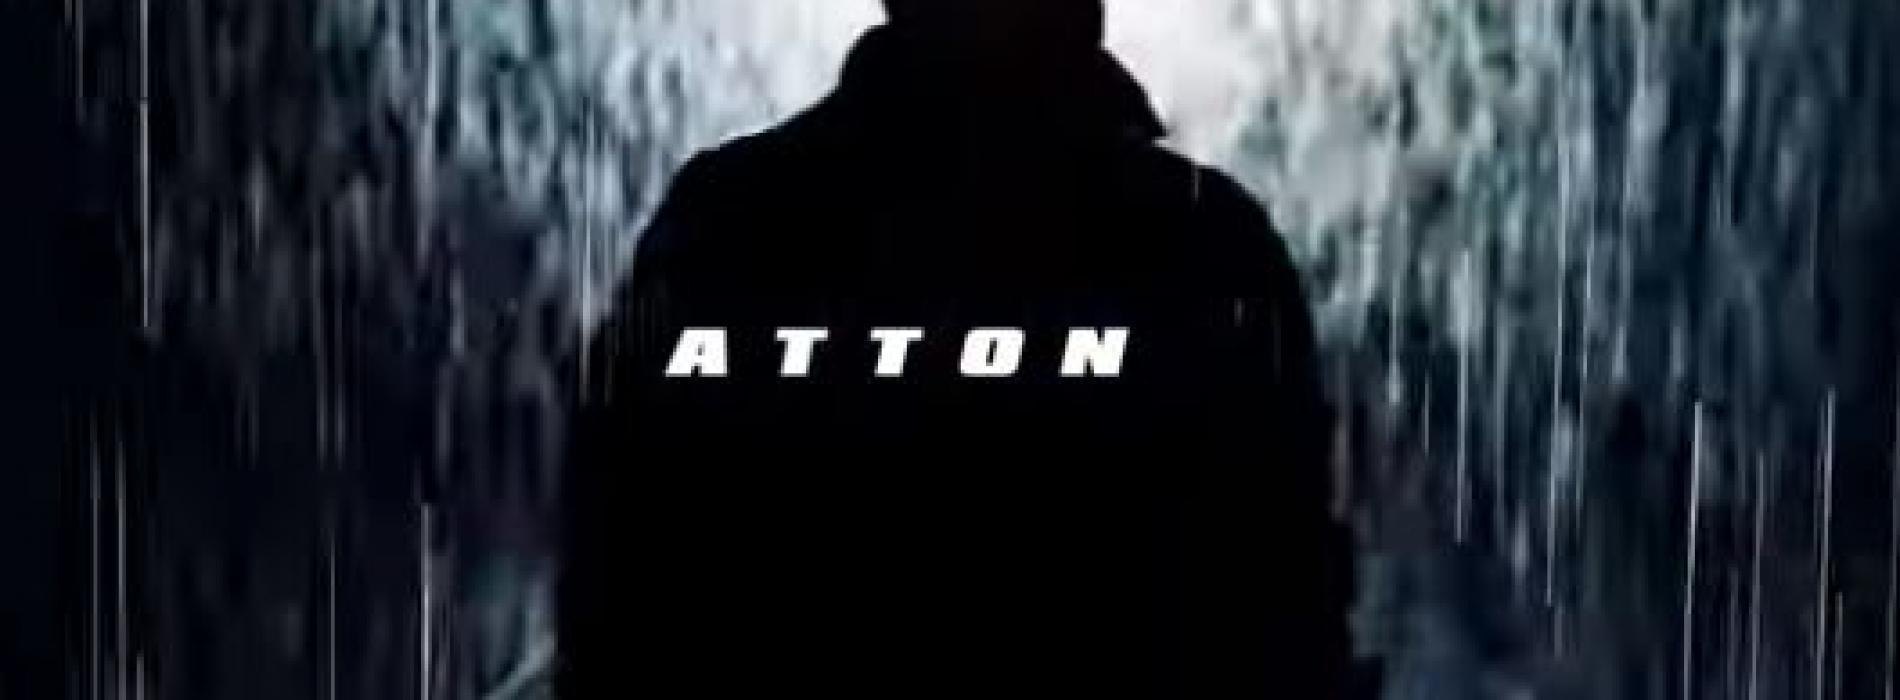 New Music : Atton – Closer (Lyric Video)